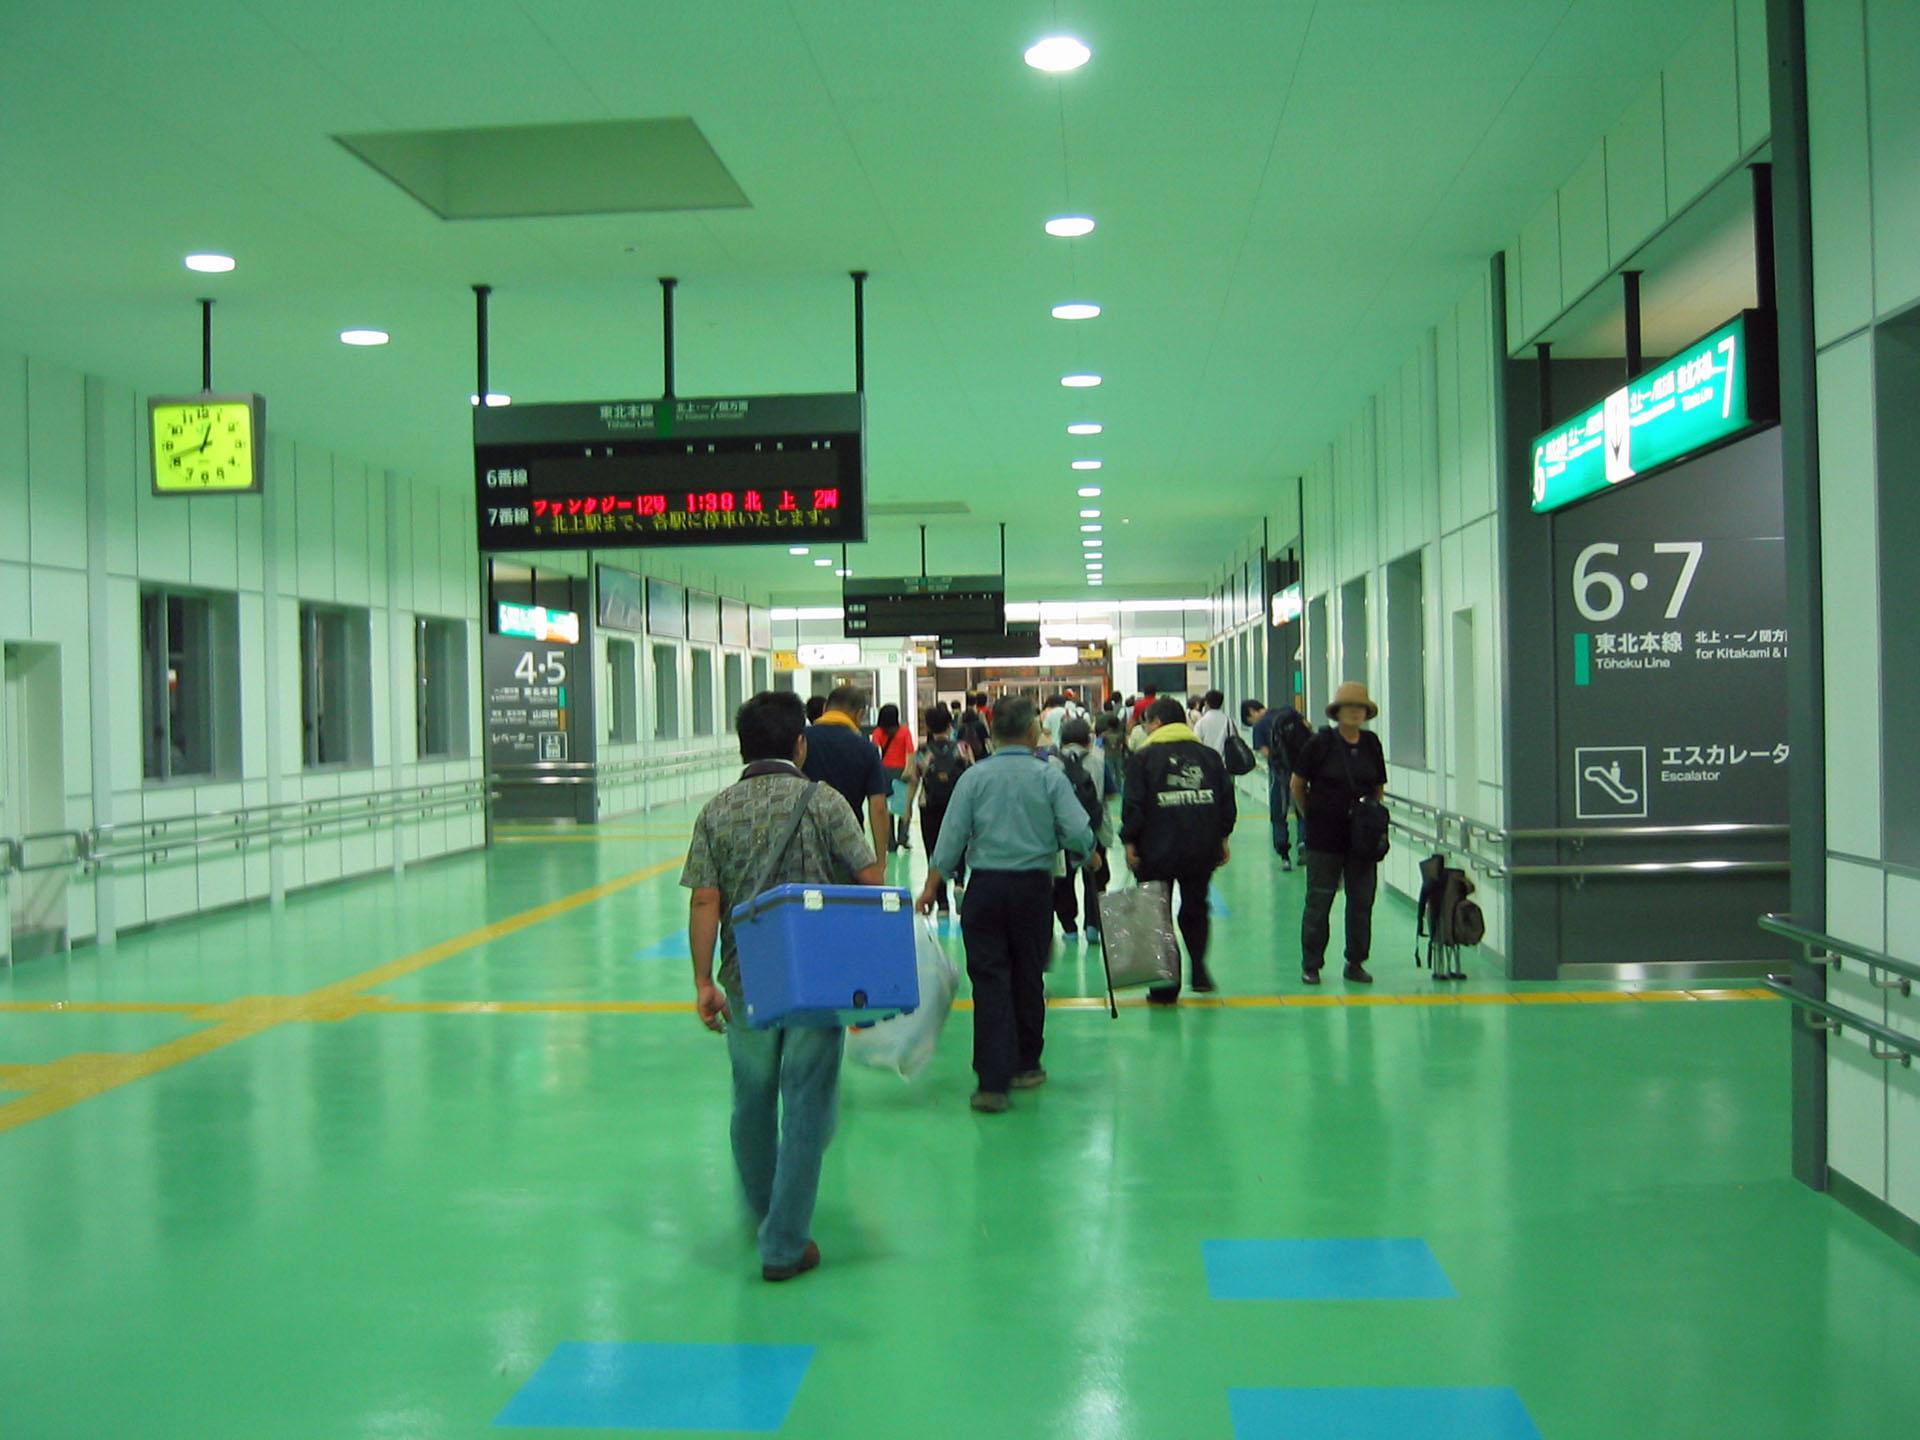 0時過ぎの盛岡駅コンコース